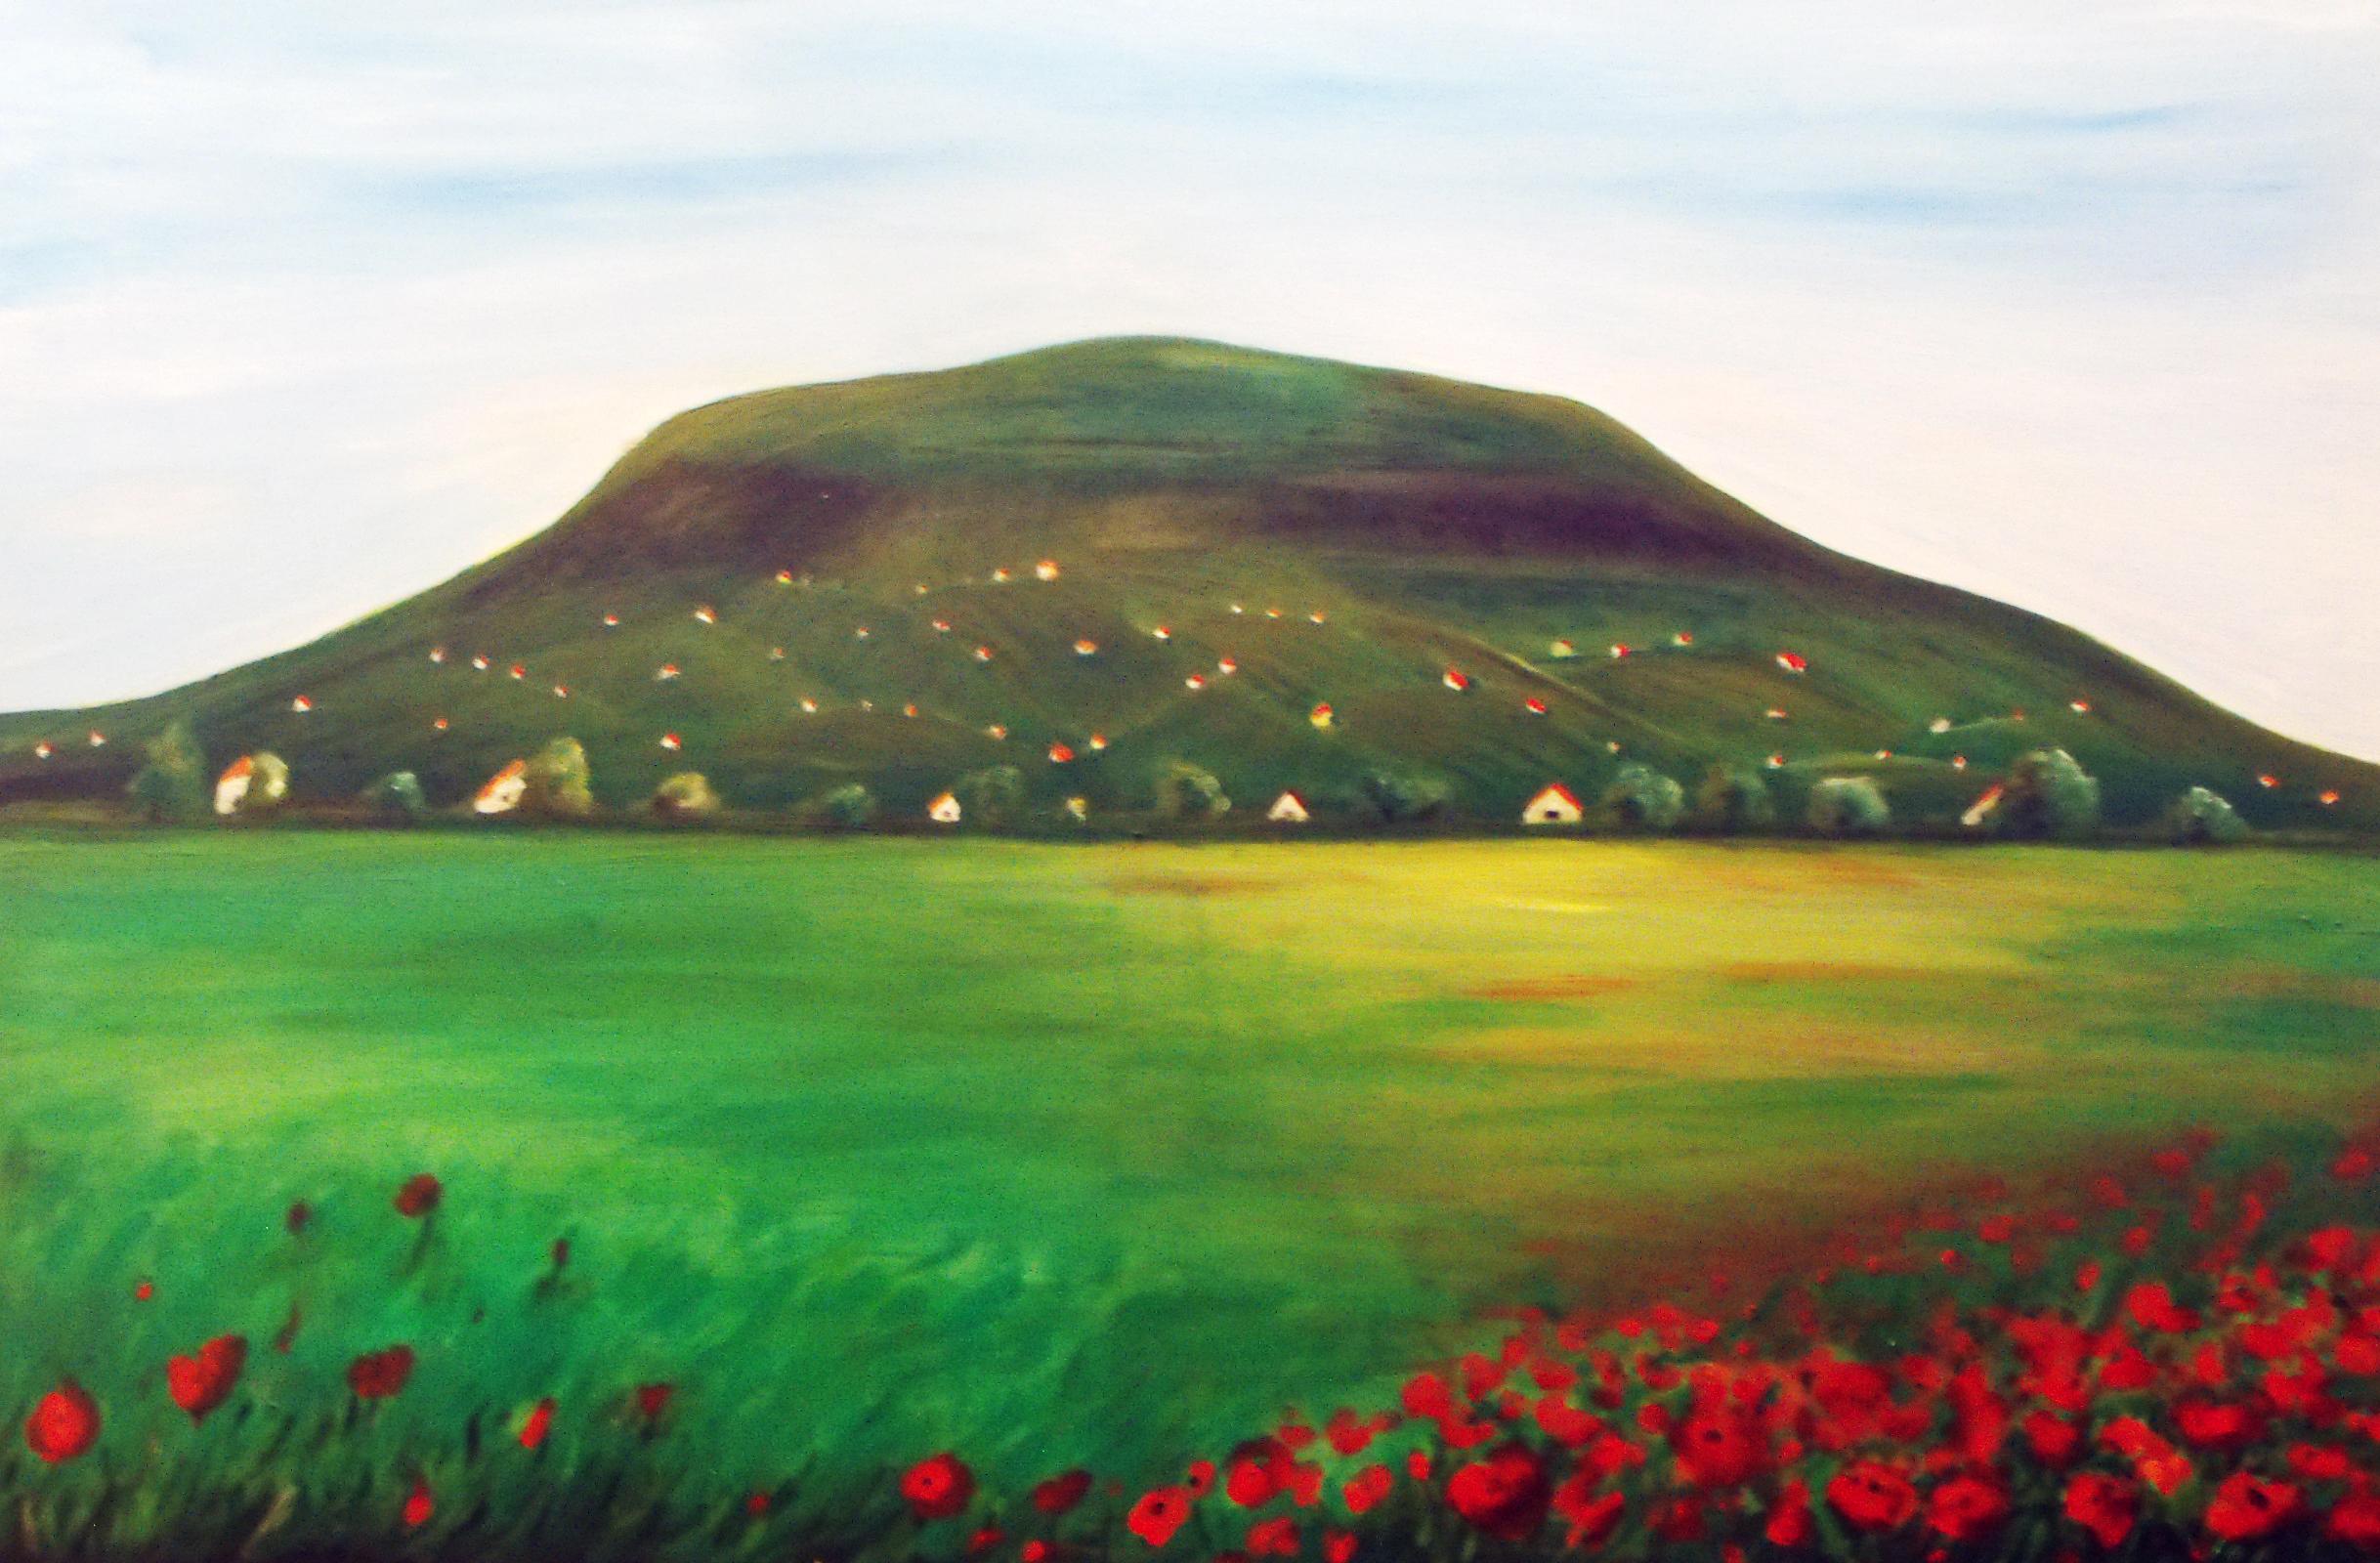 Somó-hegy 90 x 70 cm, akril vásznon, 2014